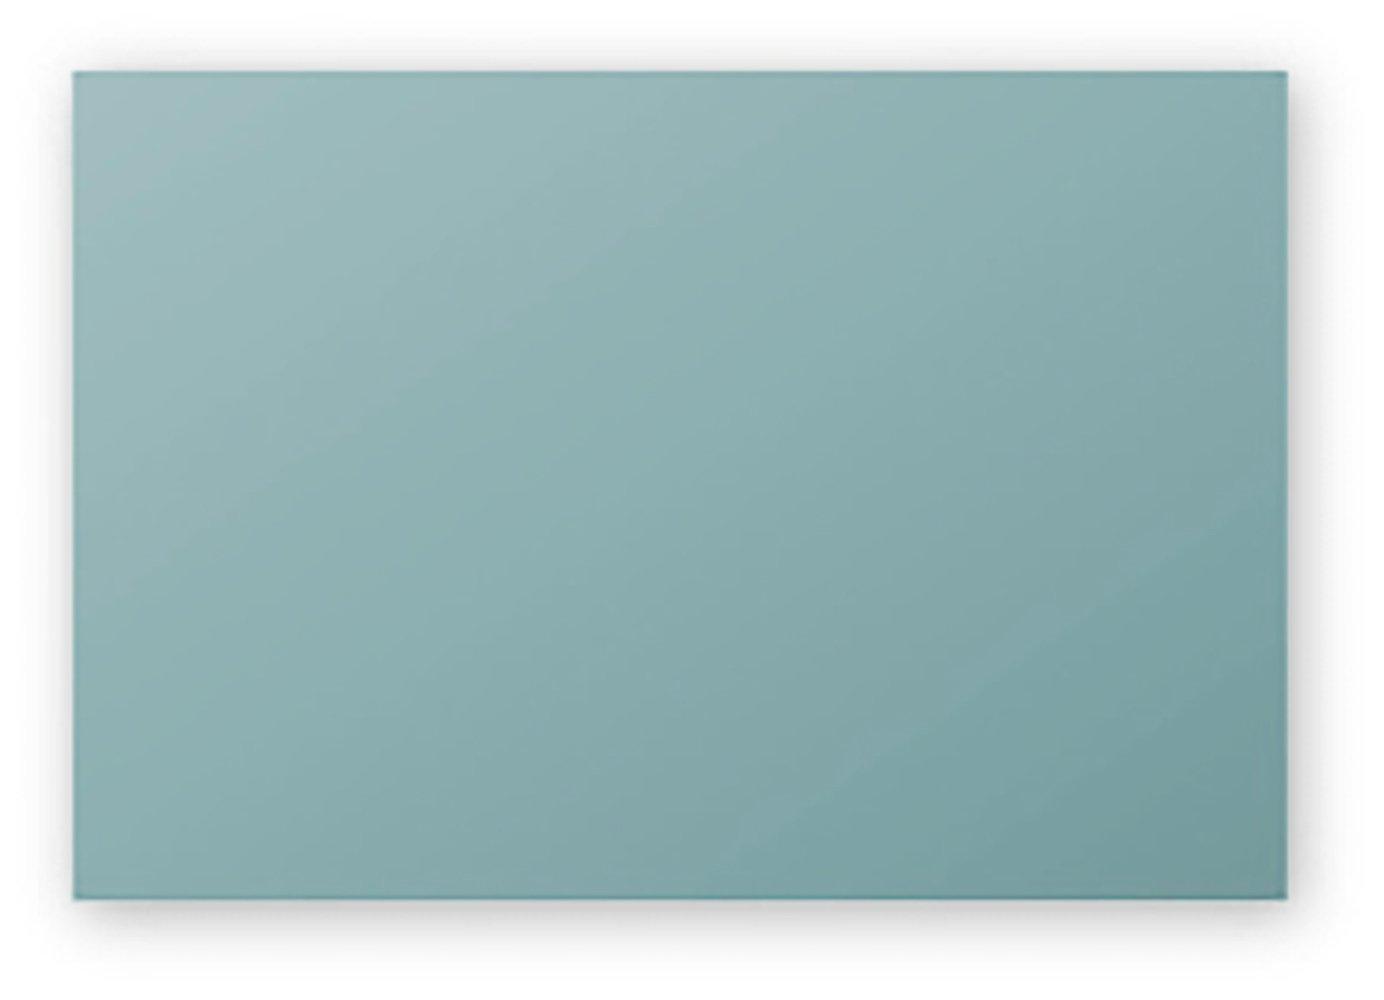 Clairefontaine 1440C Pollen Paquet de 25 Cartes 8,2x12,8 cm Vert